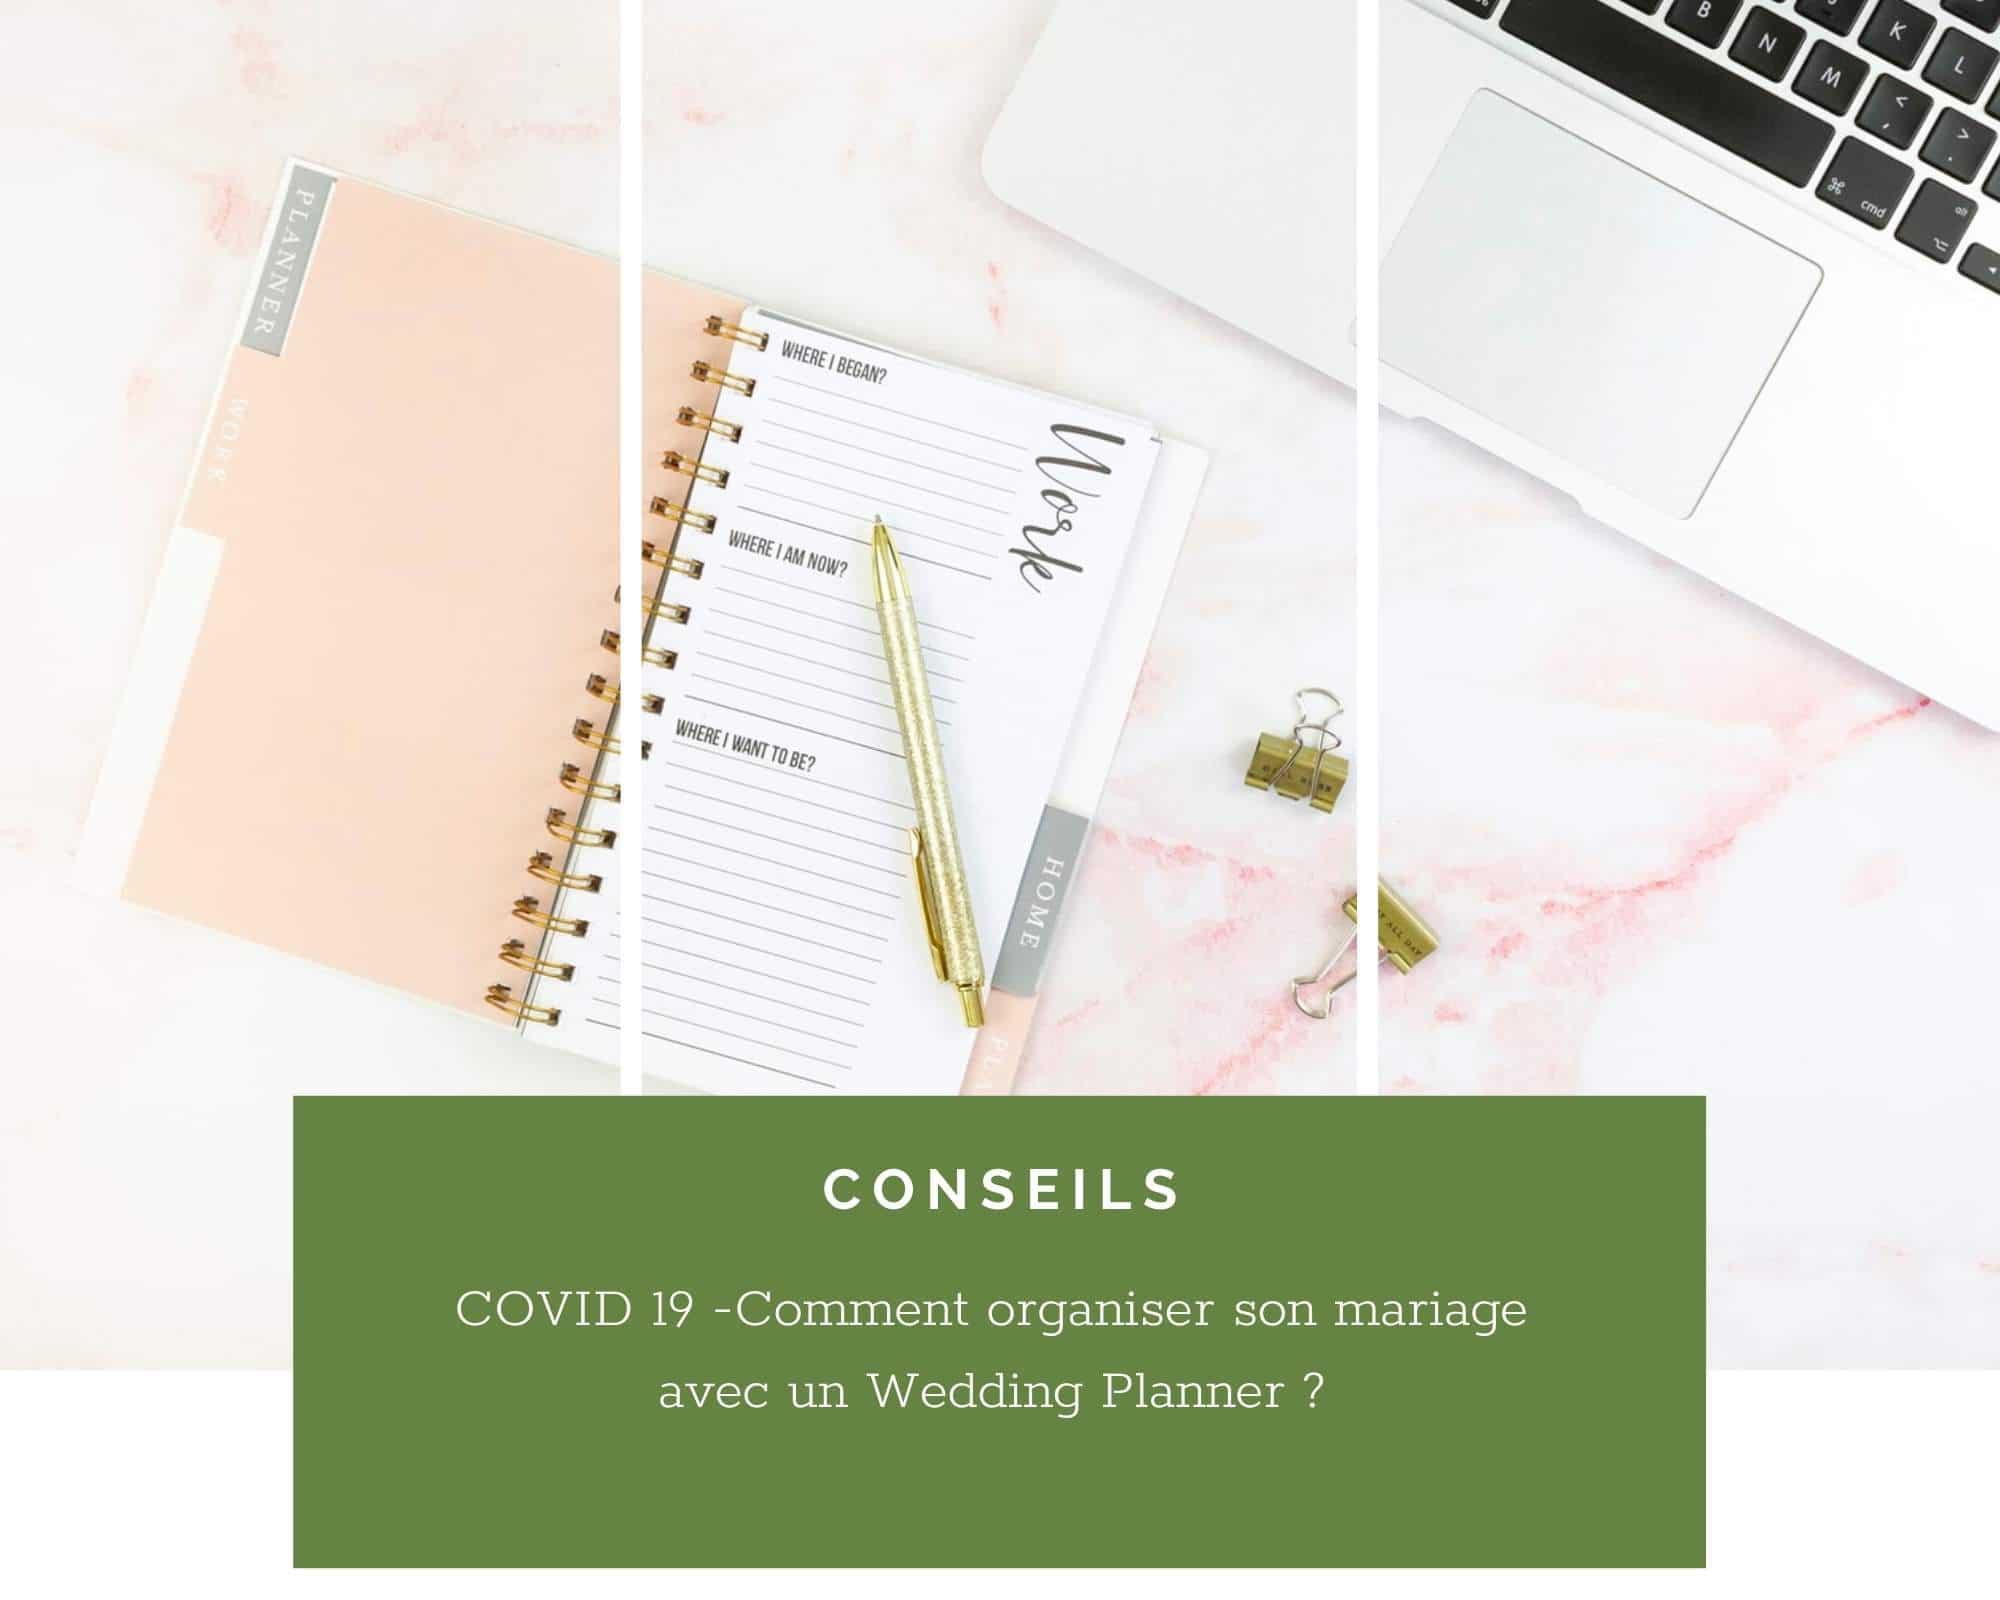 Covid-19: Comment organiser son mariage avec un Wedding Planner ?